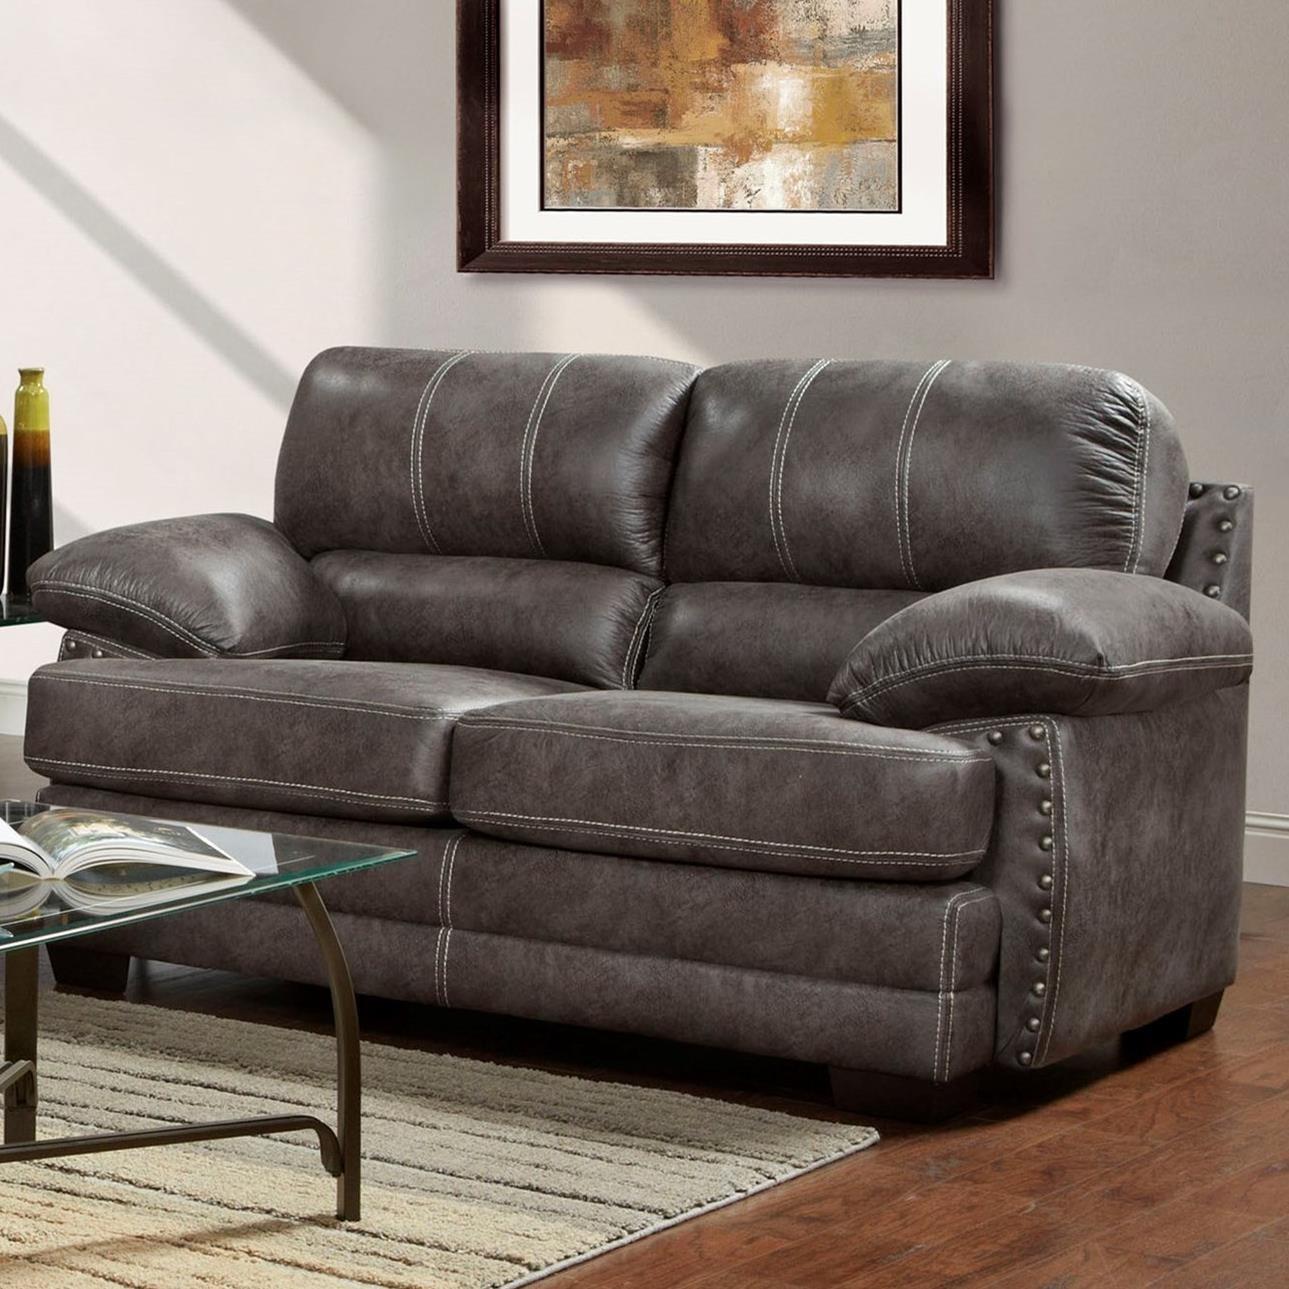 Washington Furniture 1650 Love Seat - Item Number: 1652-693-Nevada Ash